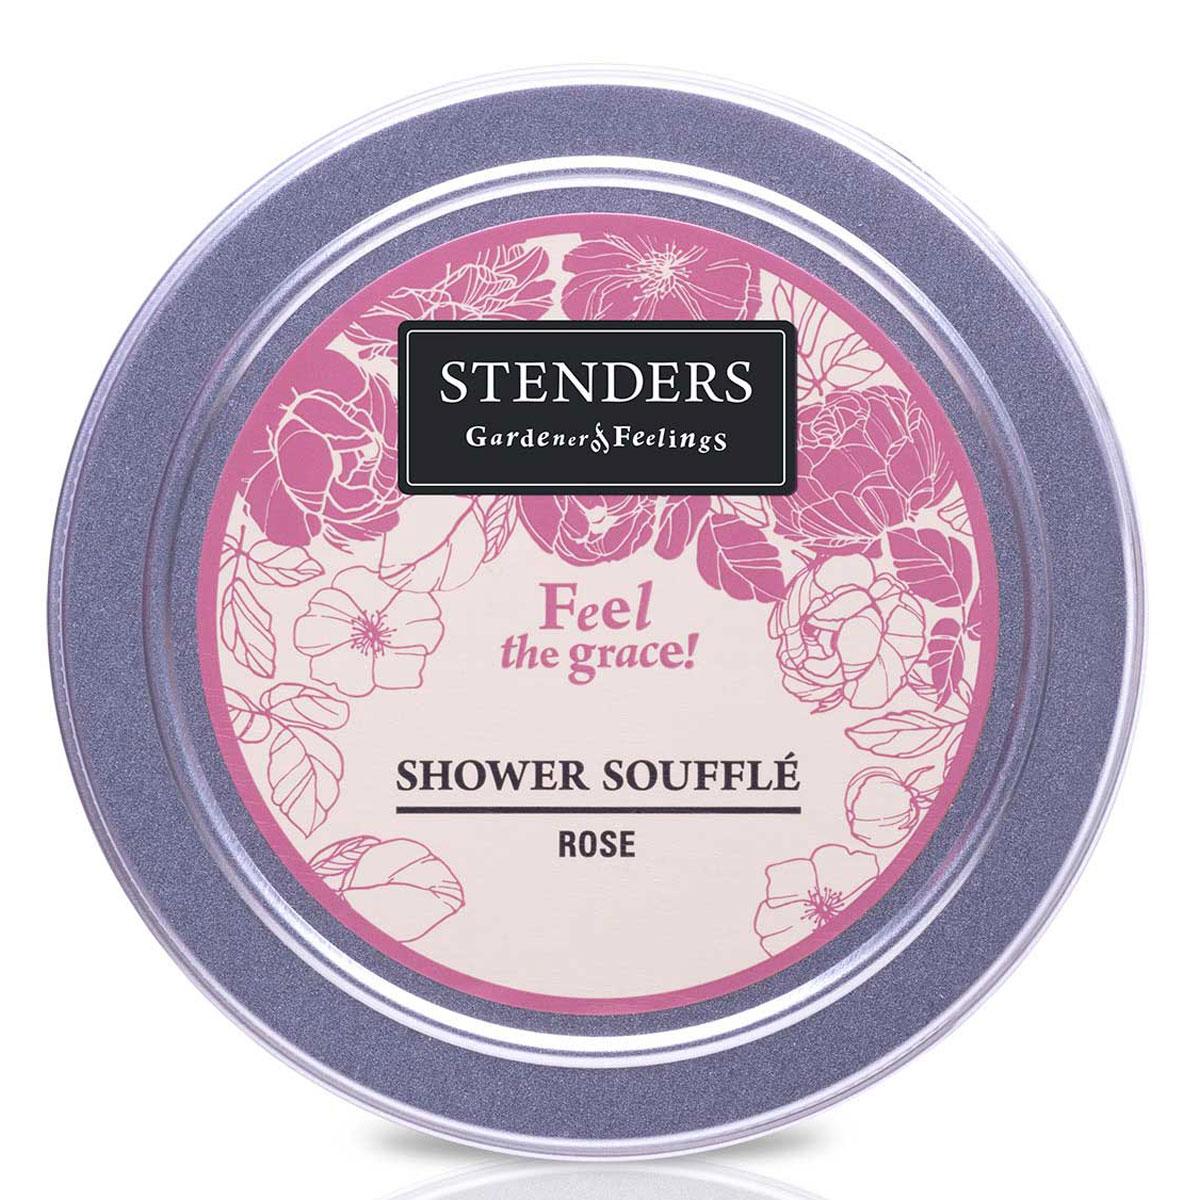 Stenders Мусс для душа Розовый, 110 гDZ002Это легкая кремовая пена очищает кожу так нежно, словно прикосновение лепестков роз. Это утонченный способ наслаждаться мягким купанием. Почувствуйте, как королевский аромат эфирного масла розы создает утонченную и изящную атмосферу. Этот мусс бережно относится к вашей коже - его ph 5,5 и он не содержит парабенов и сульфатовPH - нейтральный мягкий воздушный мусс для мытья тела. Питательное масло сладкого миндаля великолепно в косметике, поскольку является полезным даже для самой чувствительной кожи. Оно абсолютно легко впитывается в вашу кожу, смягчая ее. Розовое эфирное масло получают методом дистилляции пара из лепестков розы. Для него характерен опьяняющий, чудесный аромат зрелых цветов. Розовое эфирное масло помогает снять возбуждение. Кроме того, оно пробуждает в вас особо утонченные чувства. Глицерин – это органическое соединение с увлажняющим и смягчающим кожу воздействием. Кроме того, ему присуща способность привлекать влагу из воздуха.